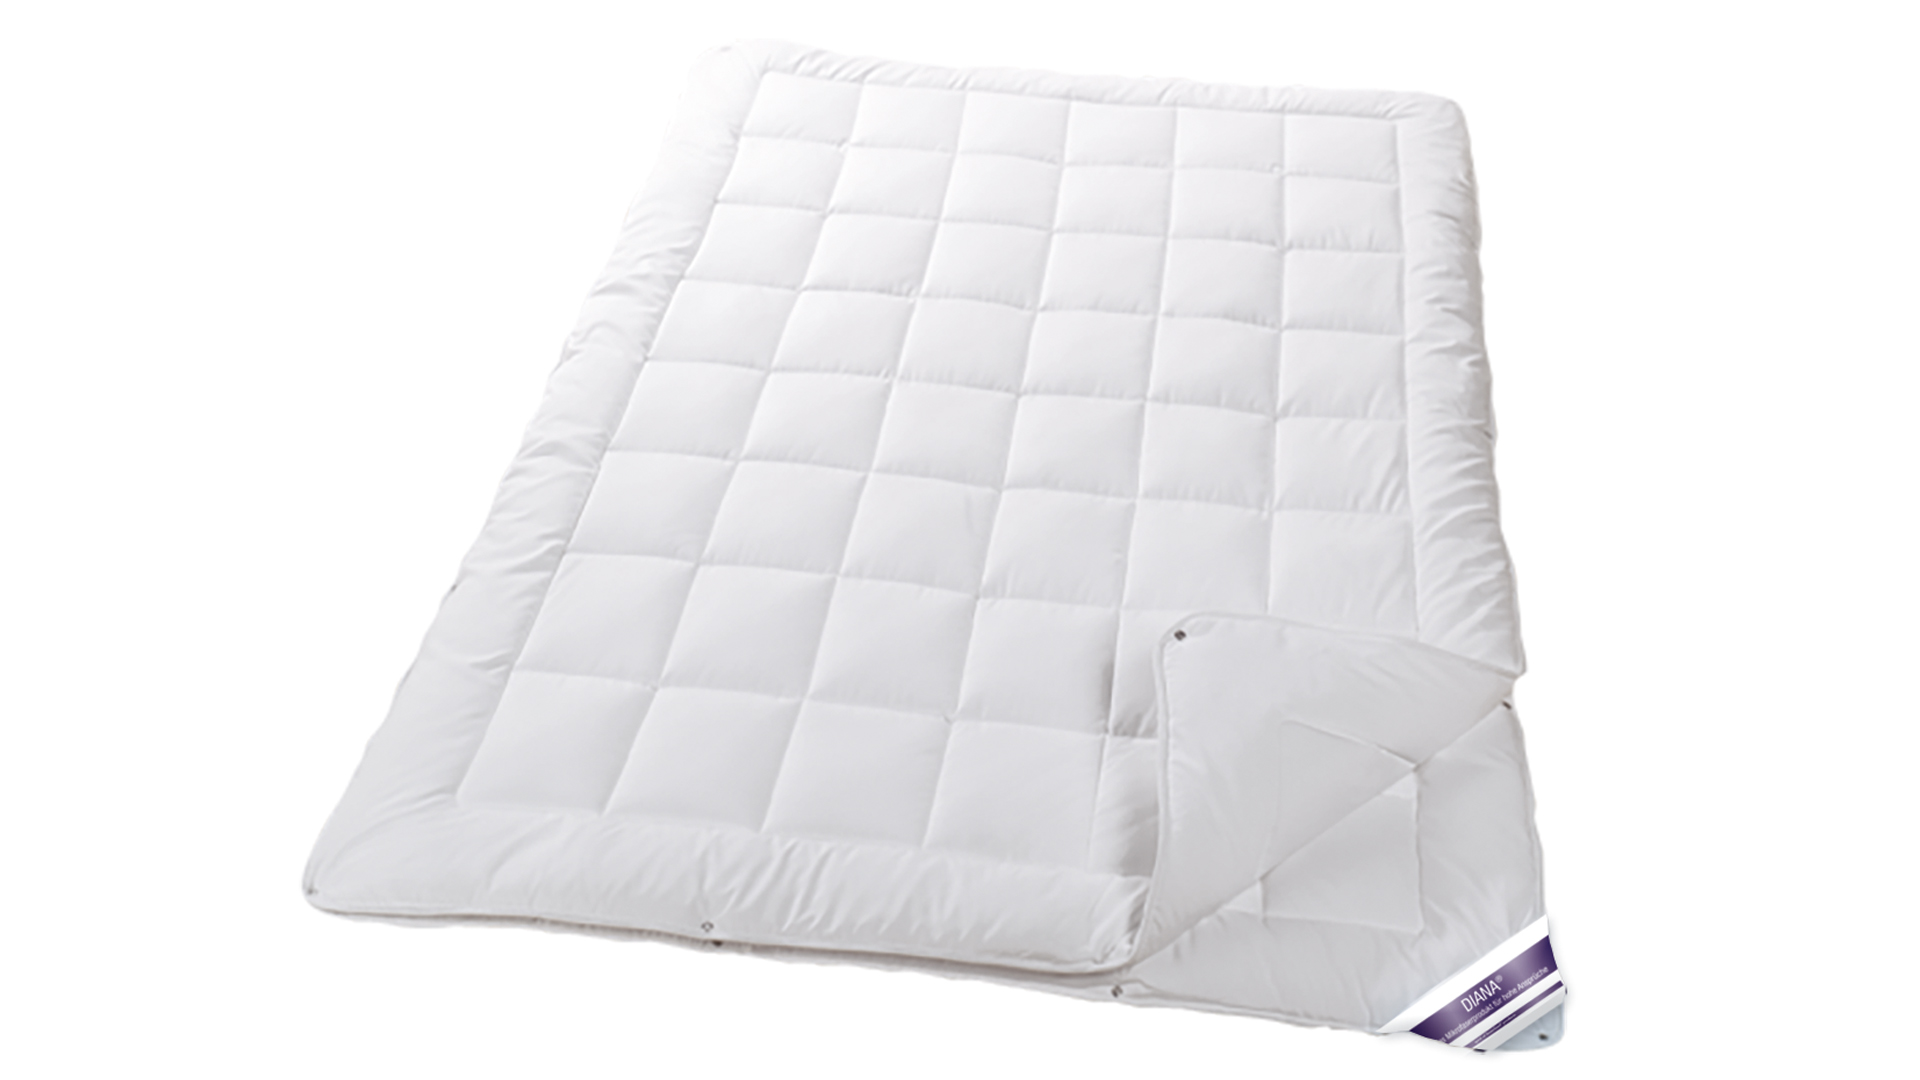 155x220cm übergröße Bettdecke DIANA 4 Jahreszeitenbett 155 x